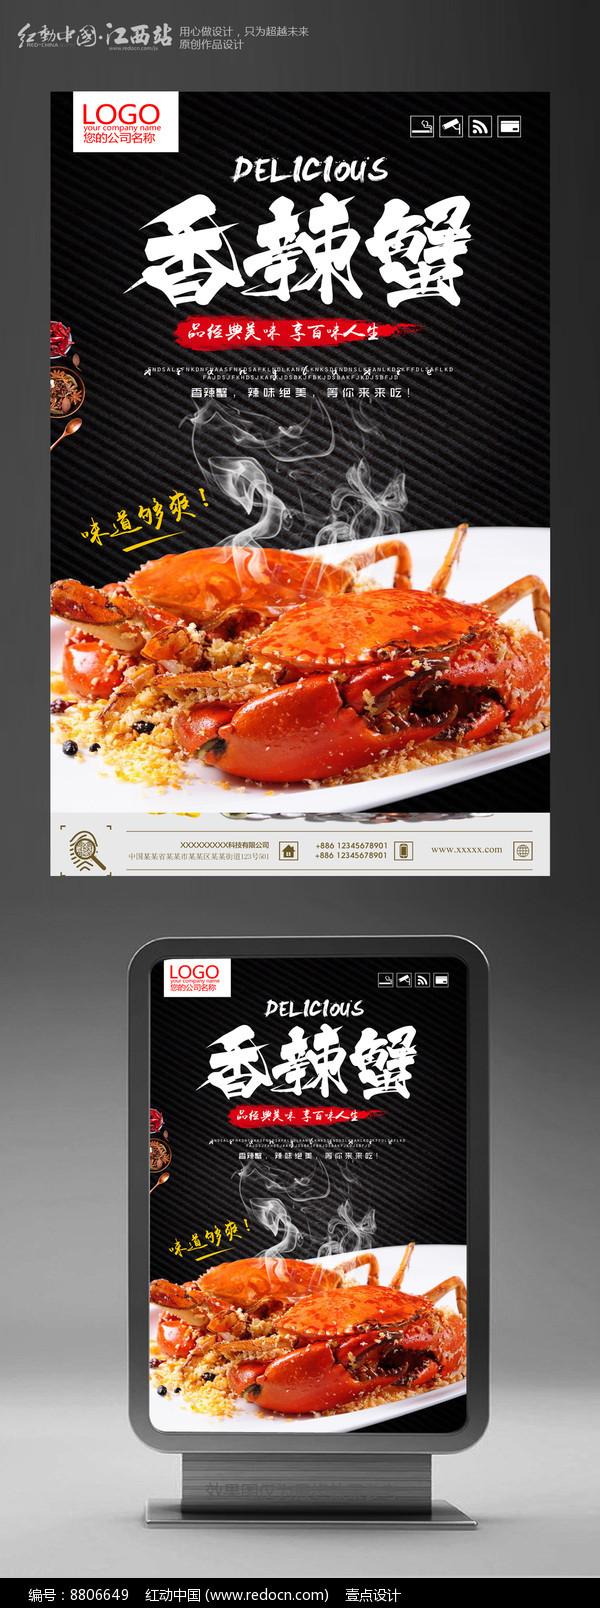 香辣蟹宣传海报图片